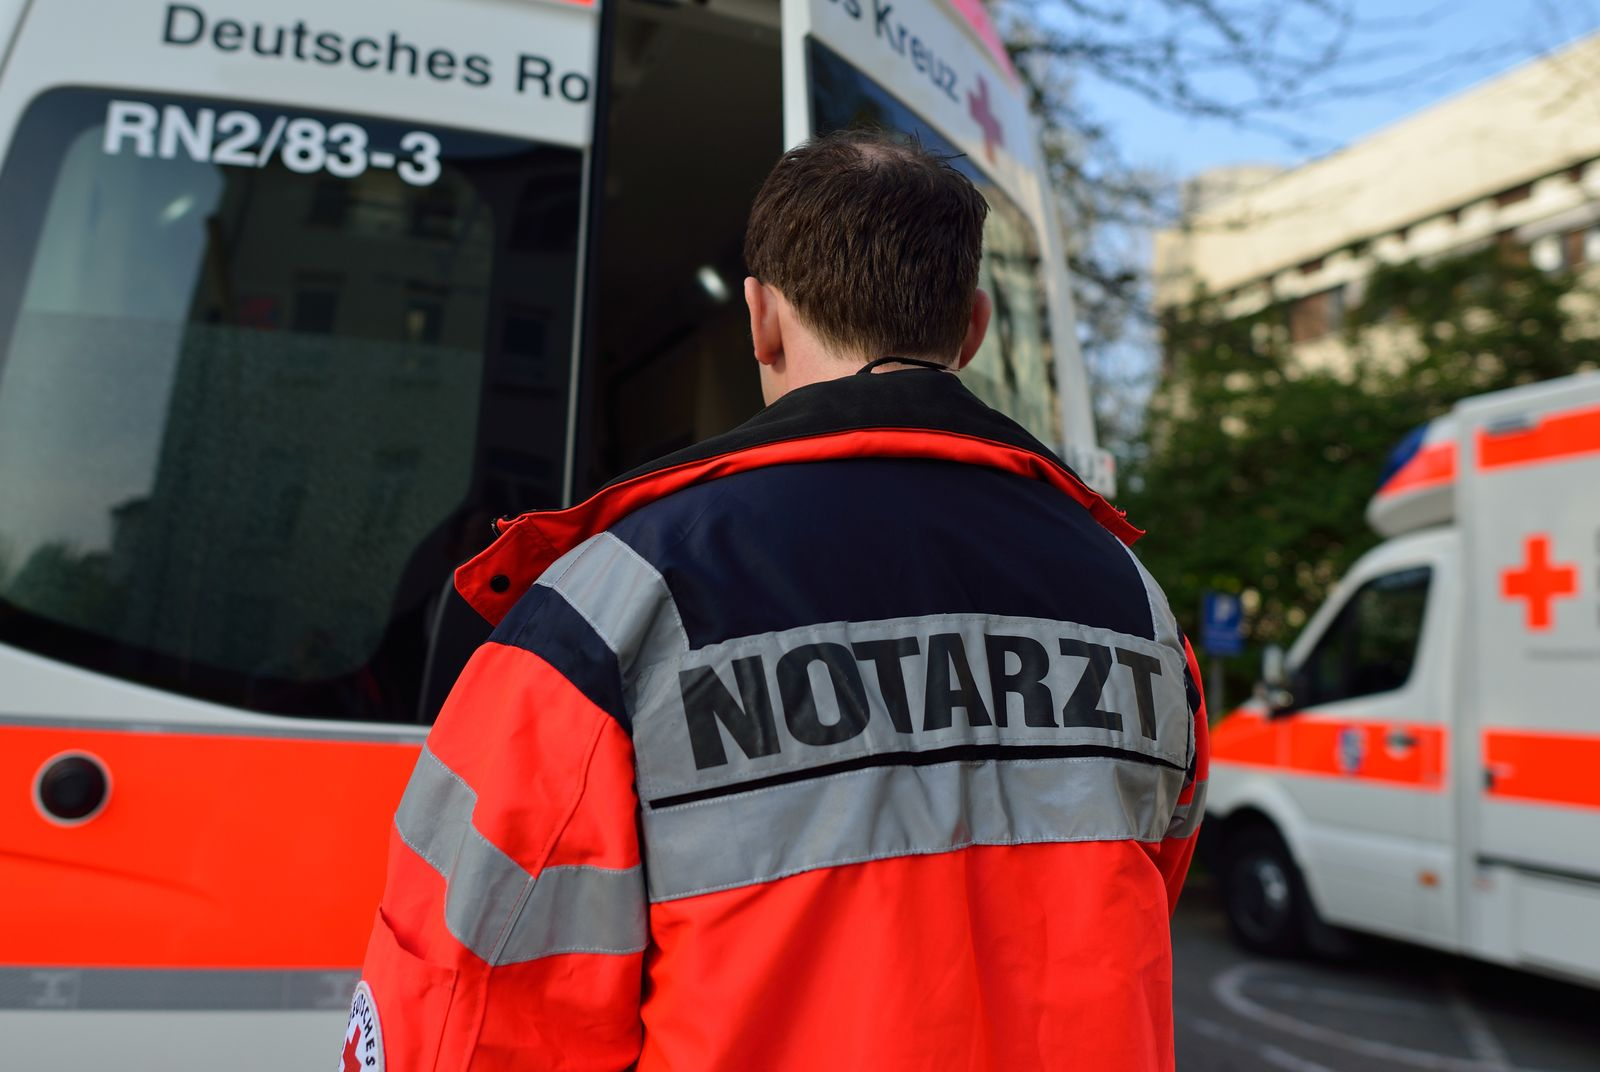 Notarzt / Einsatz